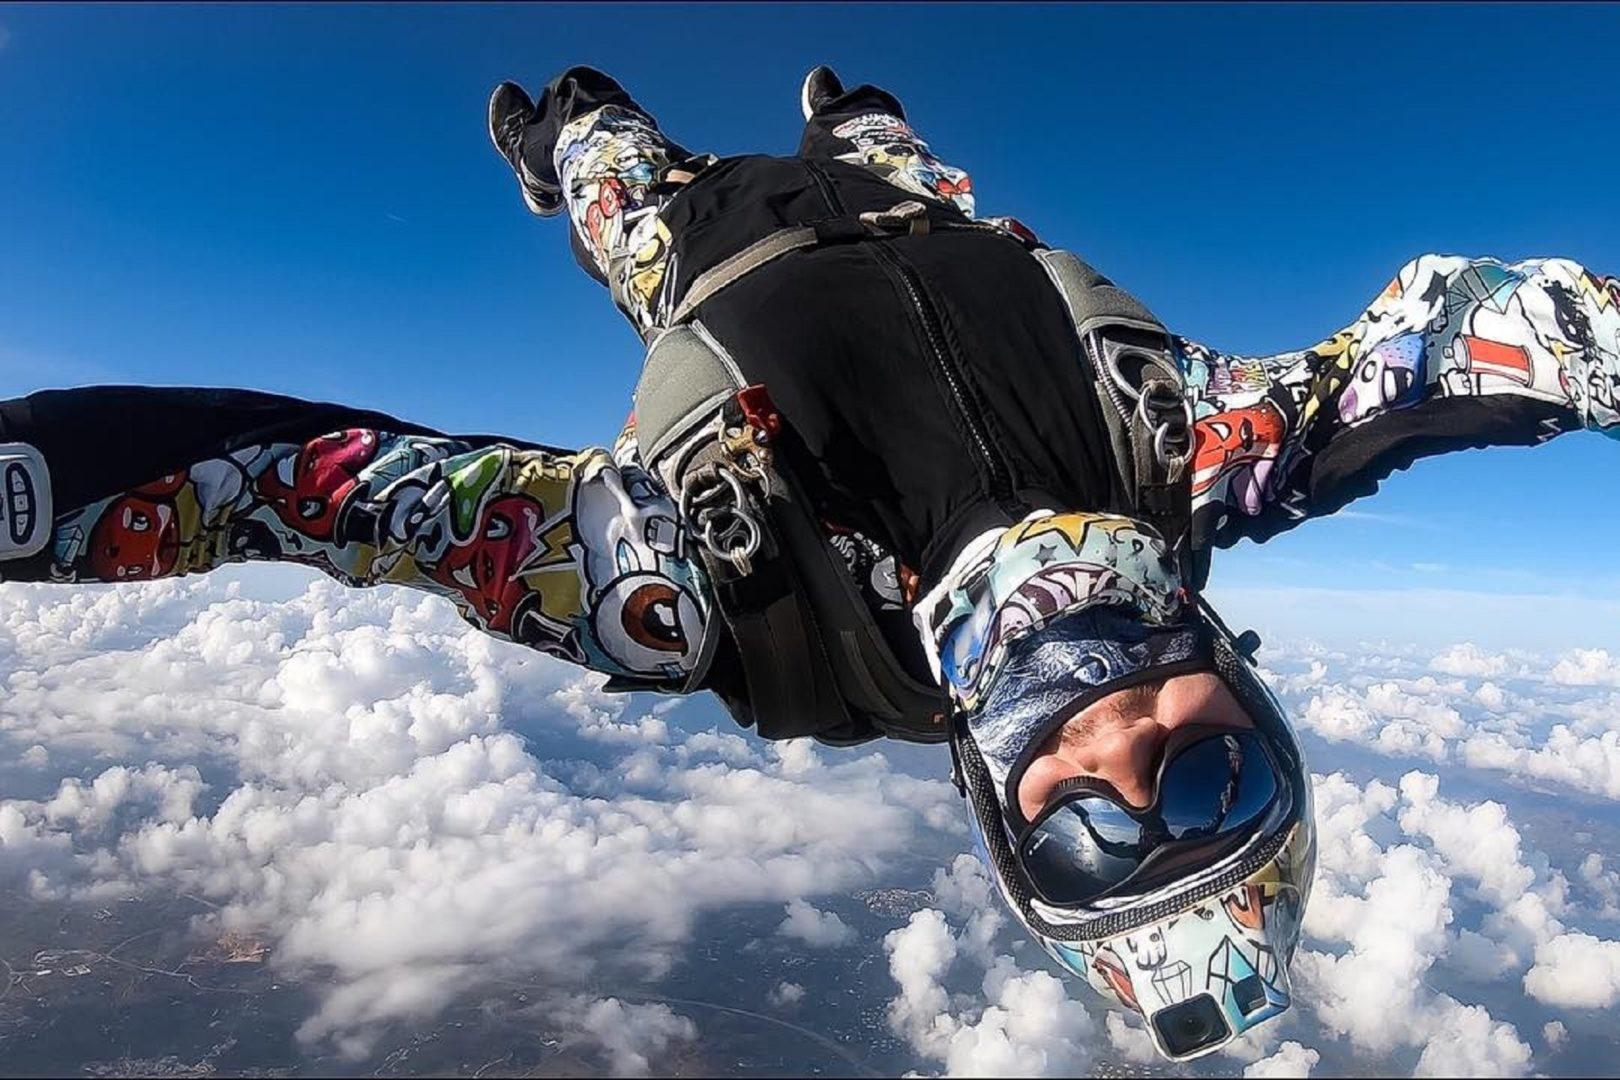 Szkolenie spadochronowe PJ (C) 02.05.2019